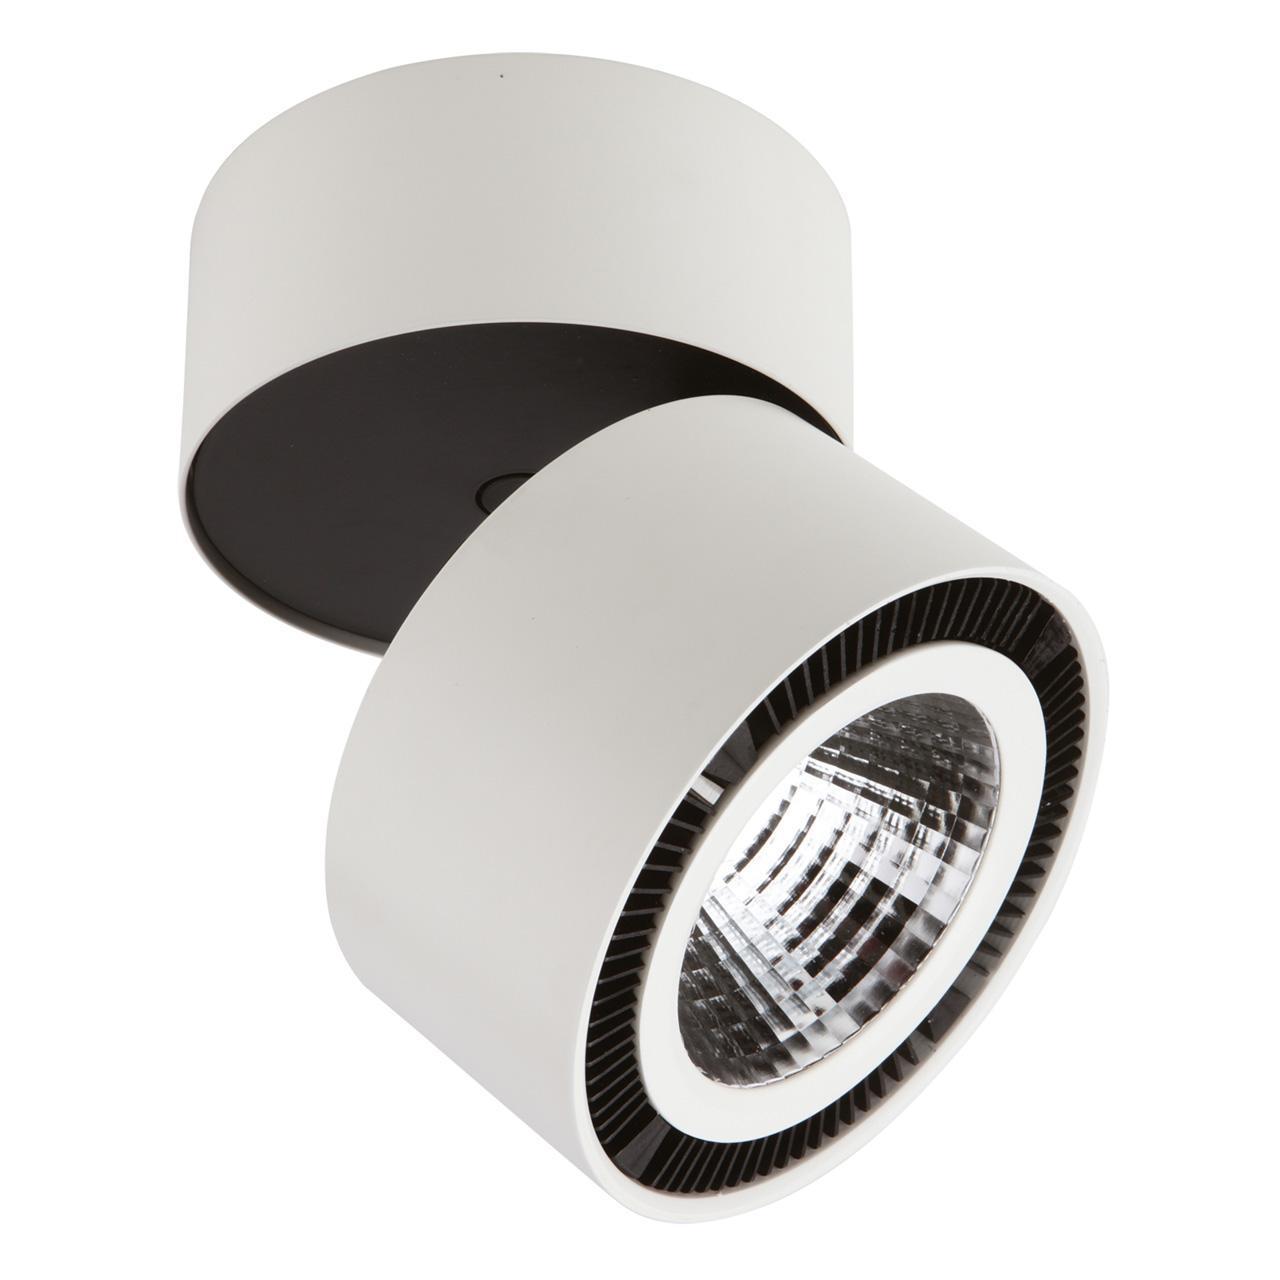 Потолочный светодиодный светильник Lightstar Forte Muro 214850 рюкзак asgard city р 5437 р 5437 этноузор фиолет розов